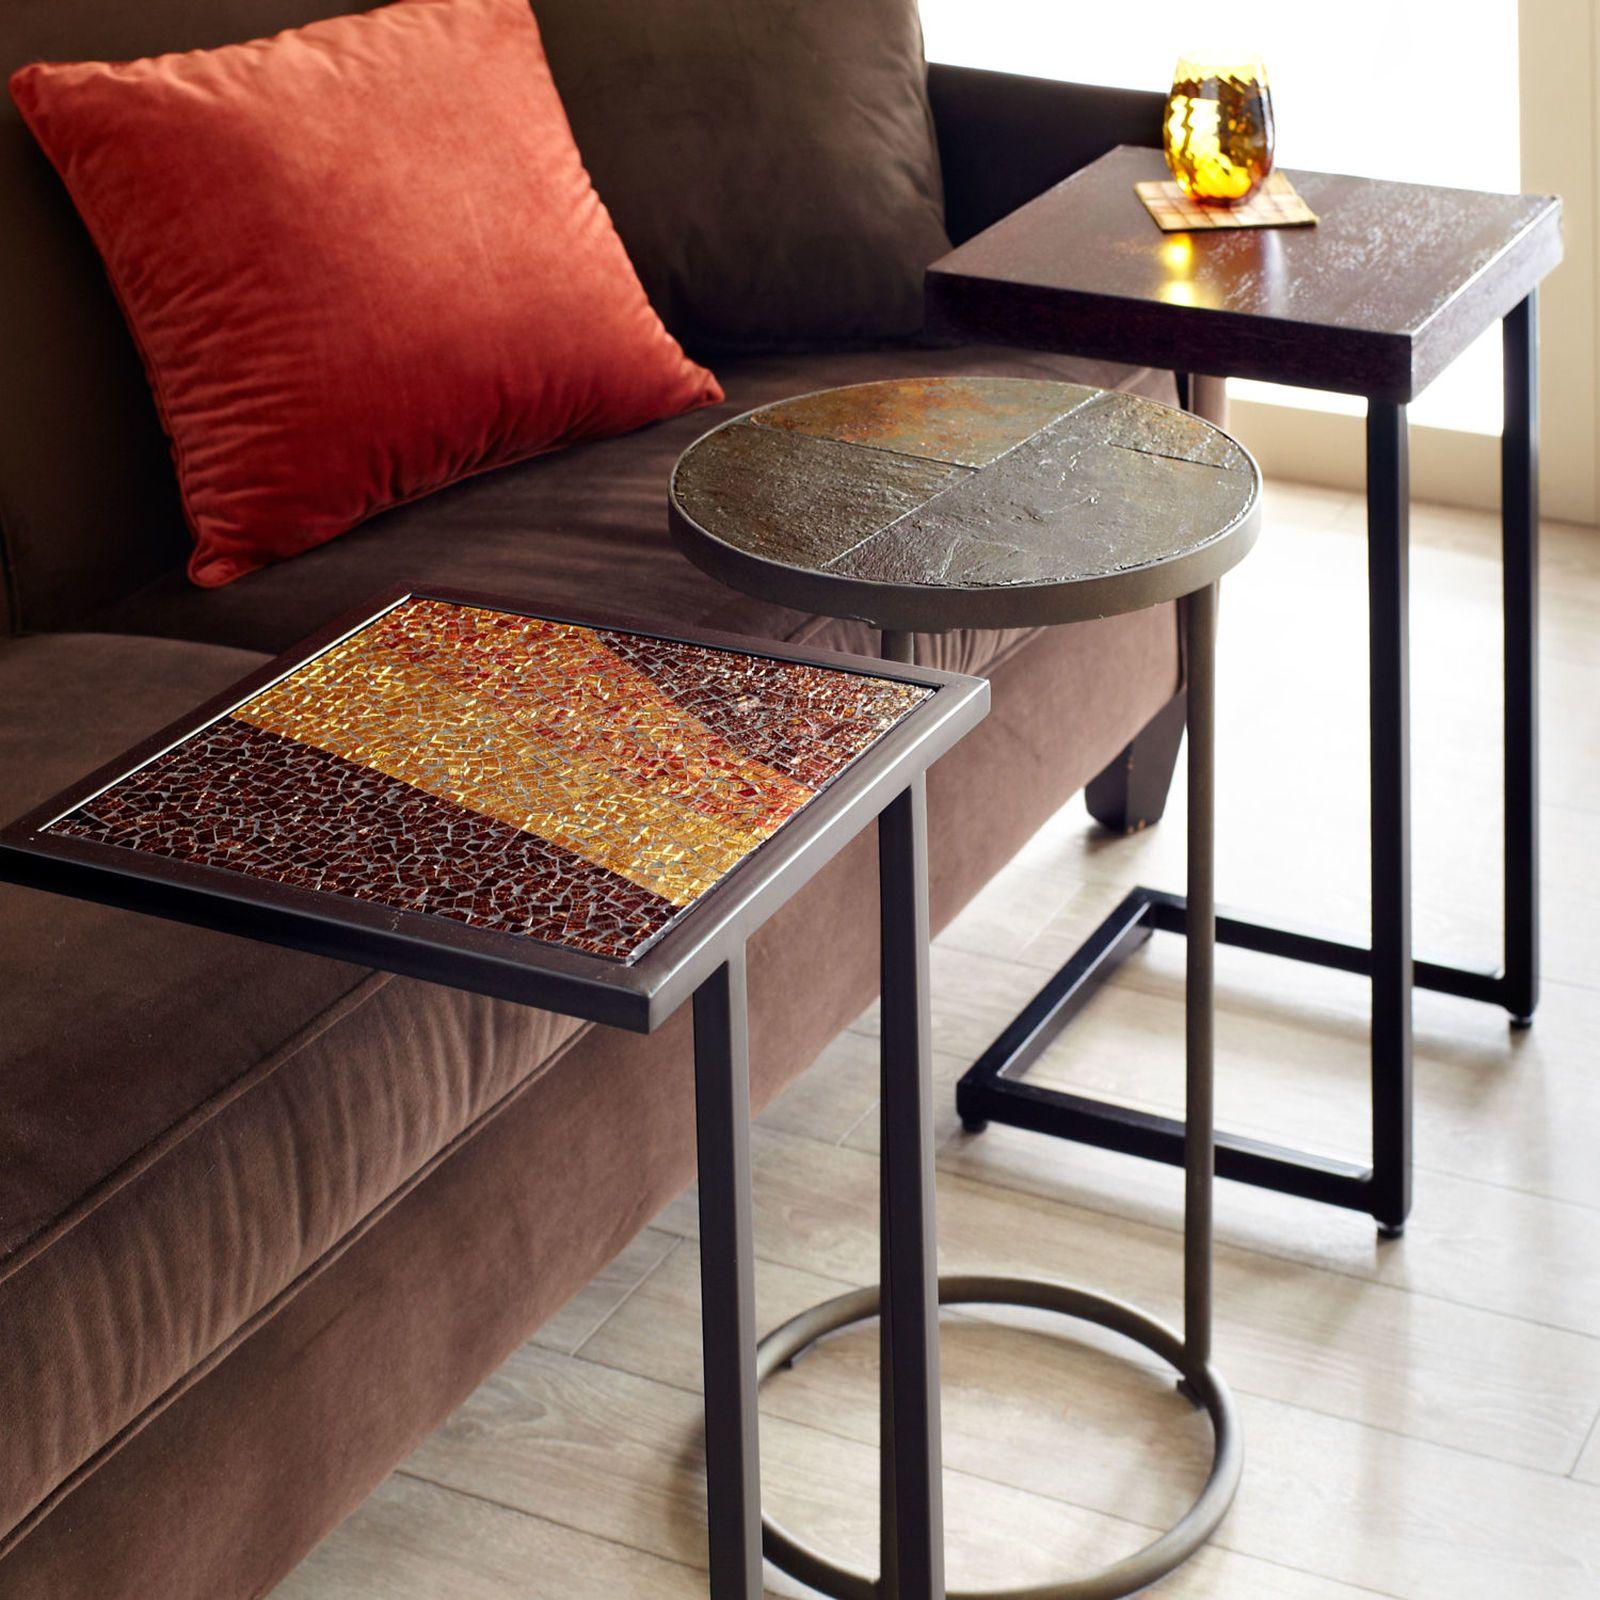 Atalia C Table